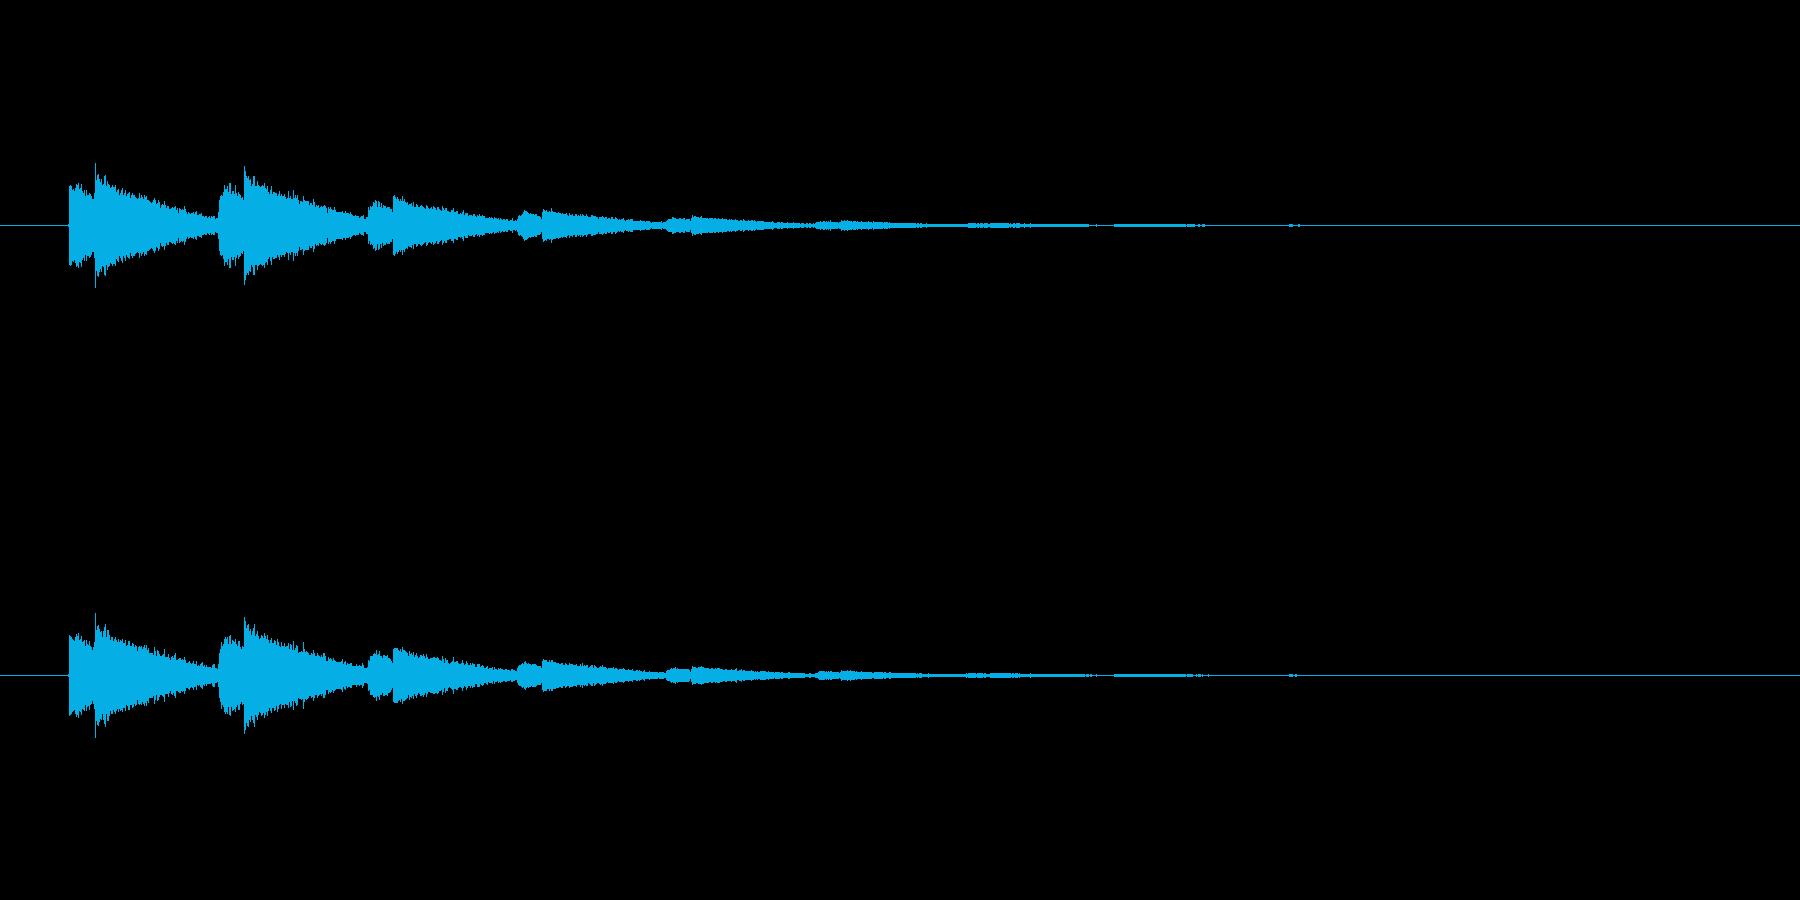 【アクセント26-4】の再生済みの波形